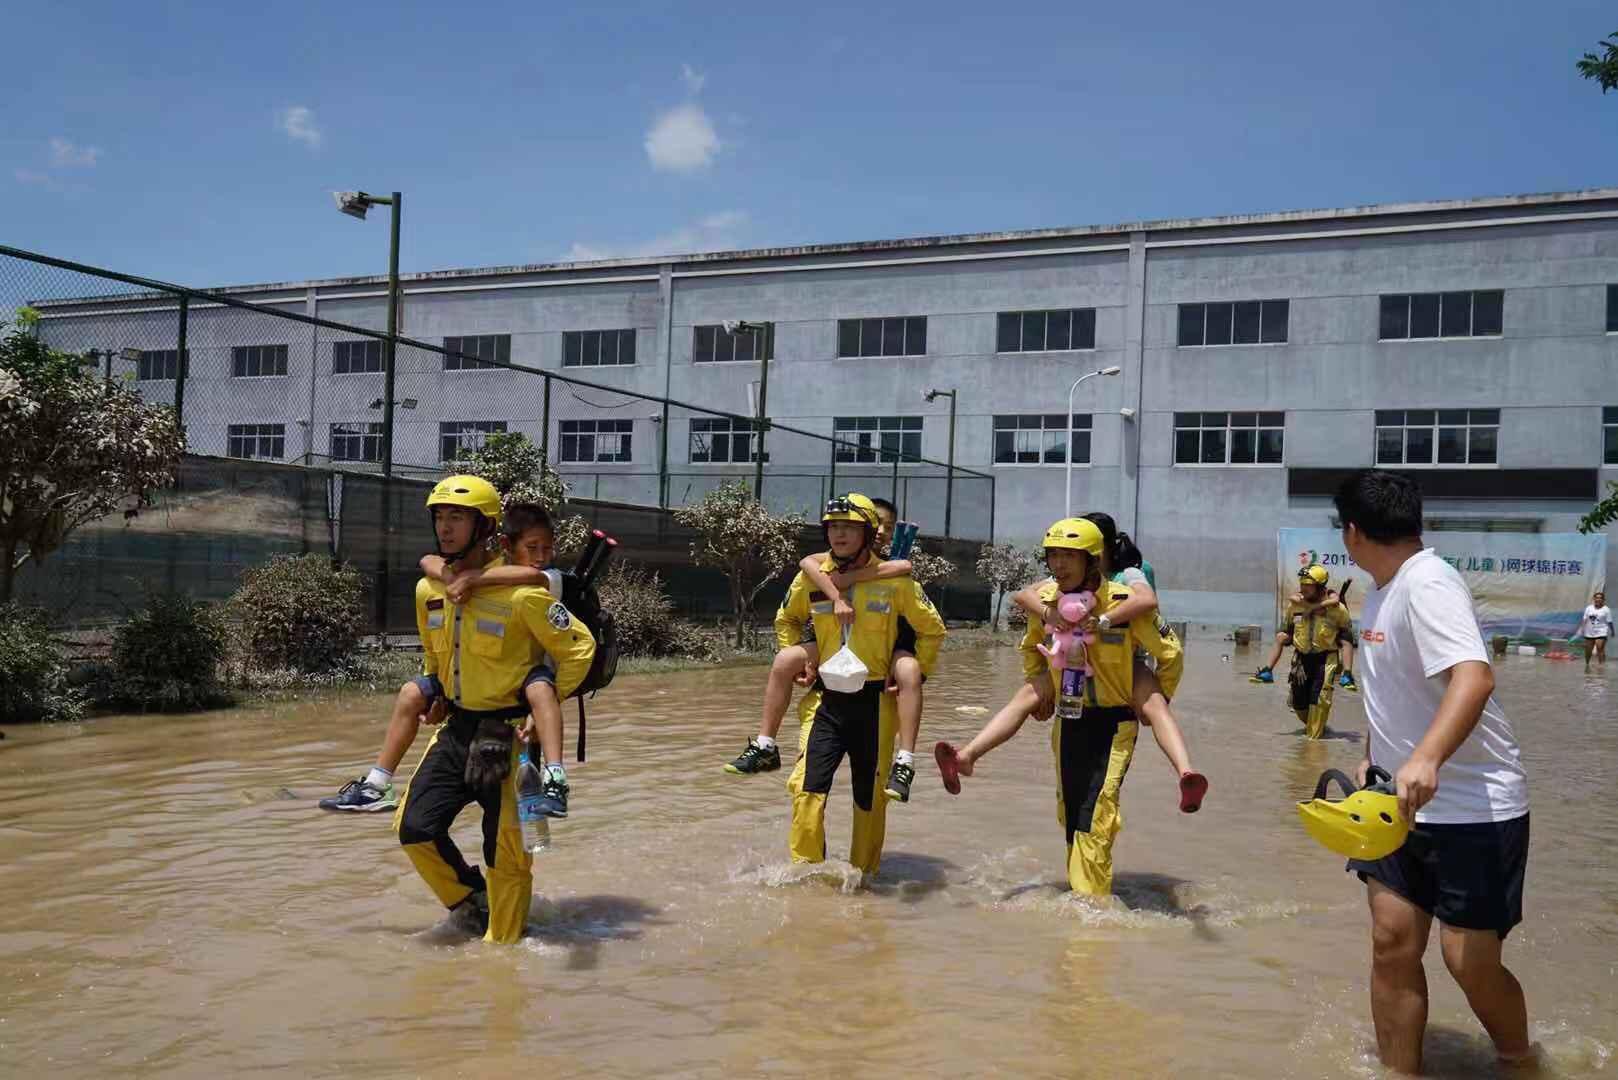 清理校园内的淤泥,并疏导释放积水,等水位降至腰部以下后,公羊队队员们将被困者一个个从学校背出来。受访者供图